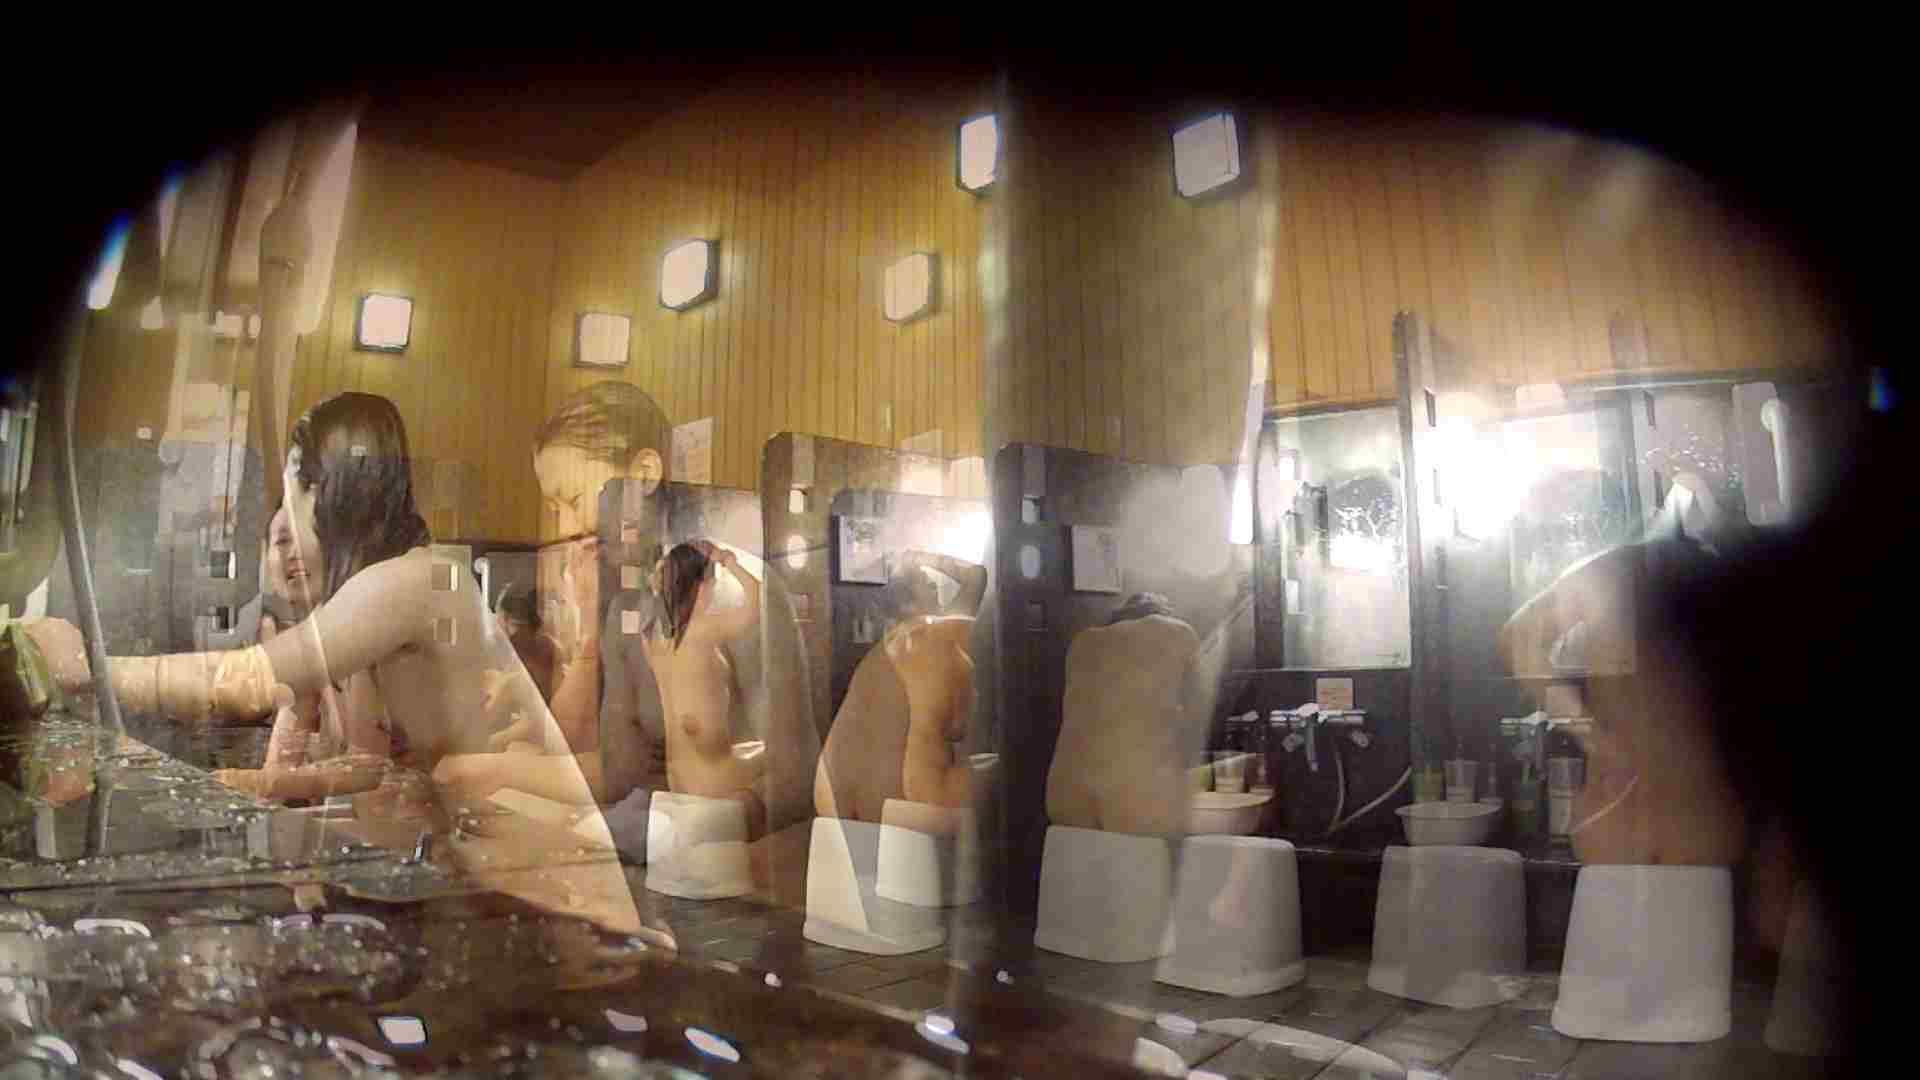 ハイビジョン 洗い場!ちょっとケバいですが、美乳です!ホースが・・・ 美乳  105pic 12